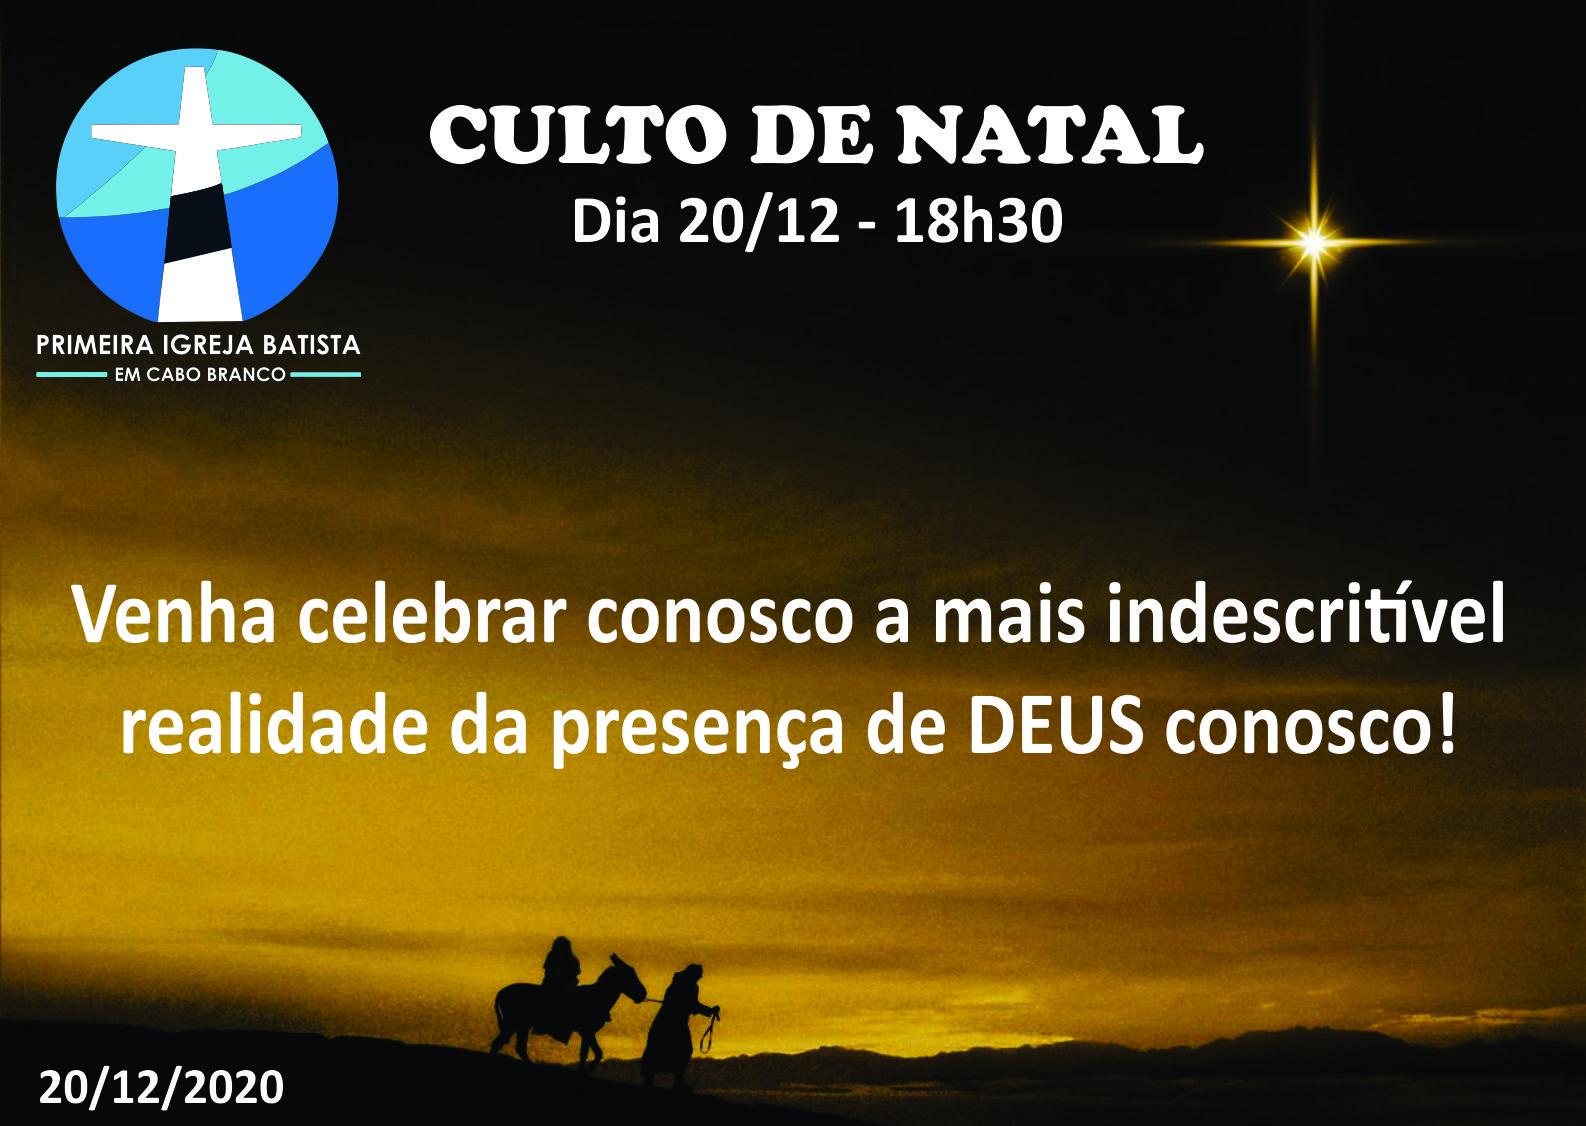 CULTO DE NATAL (antecipado)